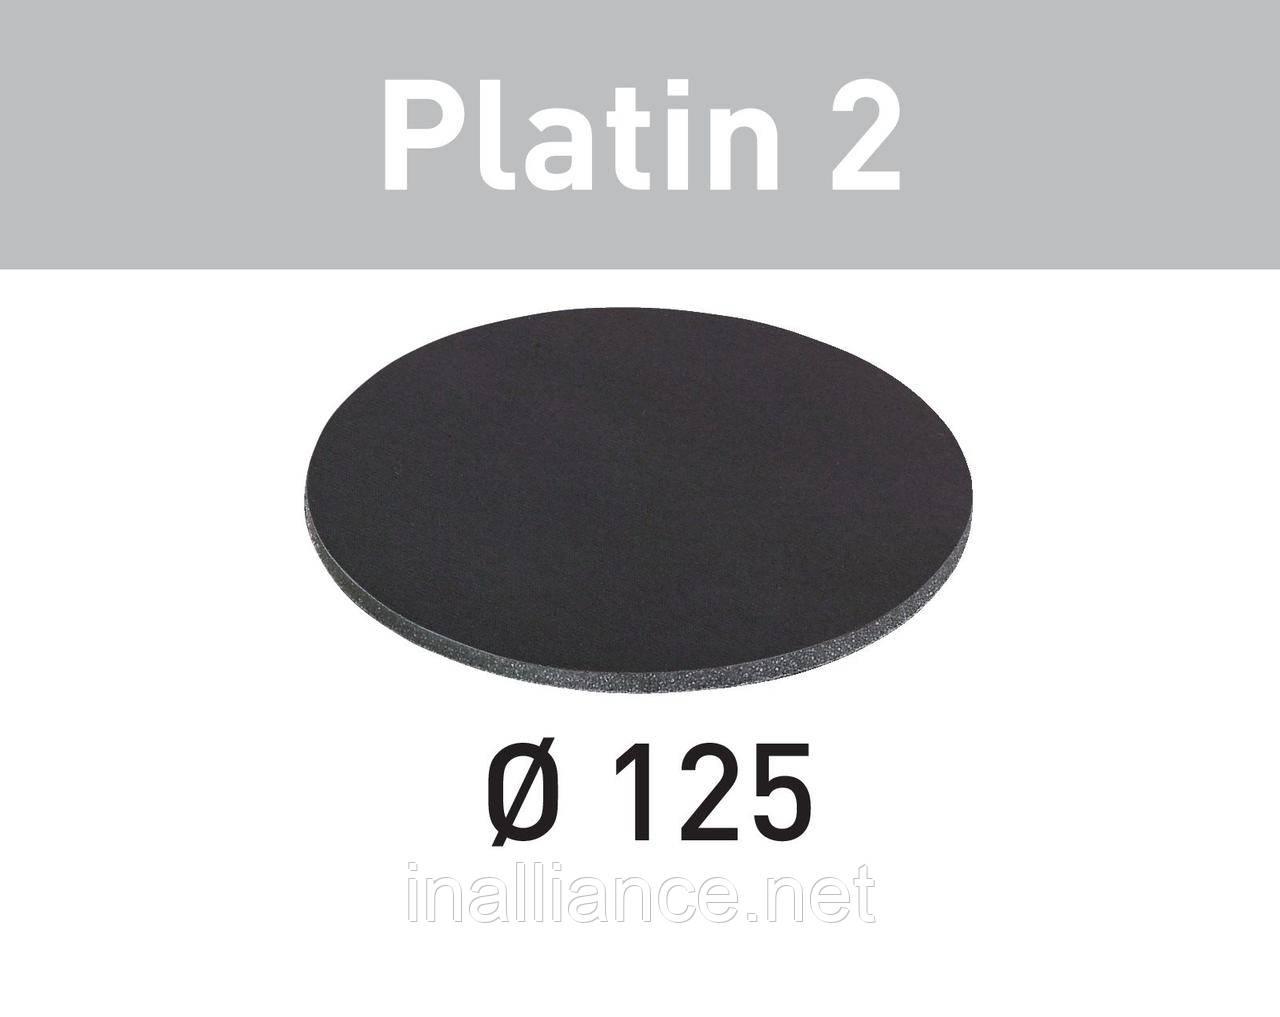 Шлифовальные круги Platin 2 STF D125/0 S2000 PL2/15 Festool 492376